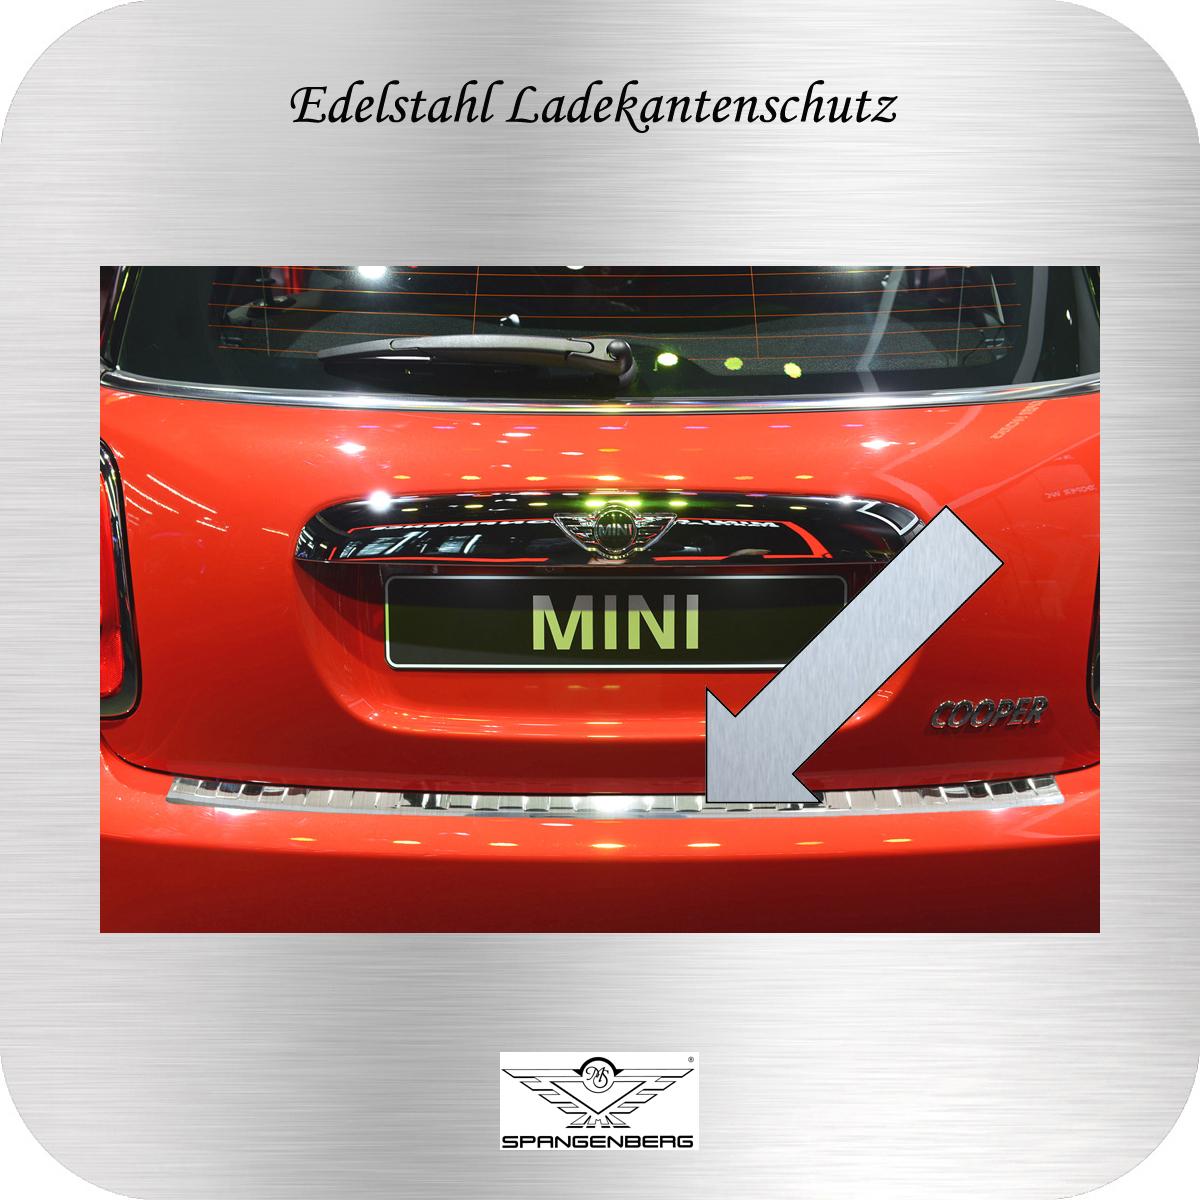 Ladekantenschutz Edelstahl MINI Cooper III F55 F56 2013- 3235134